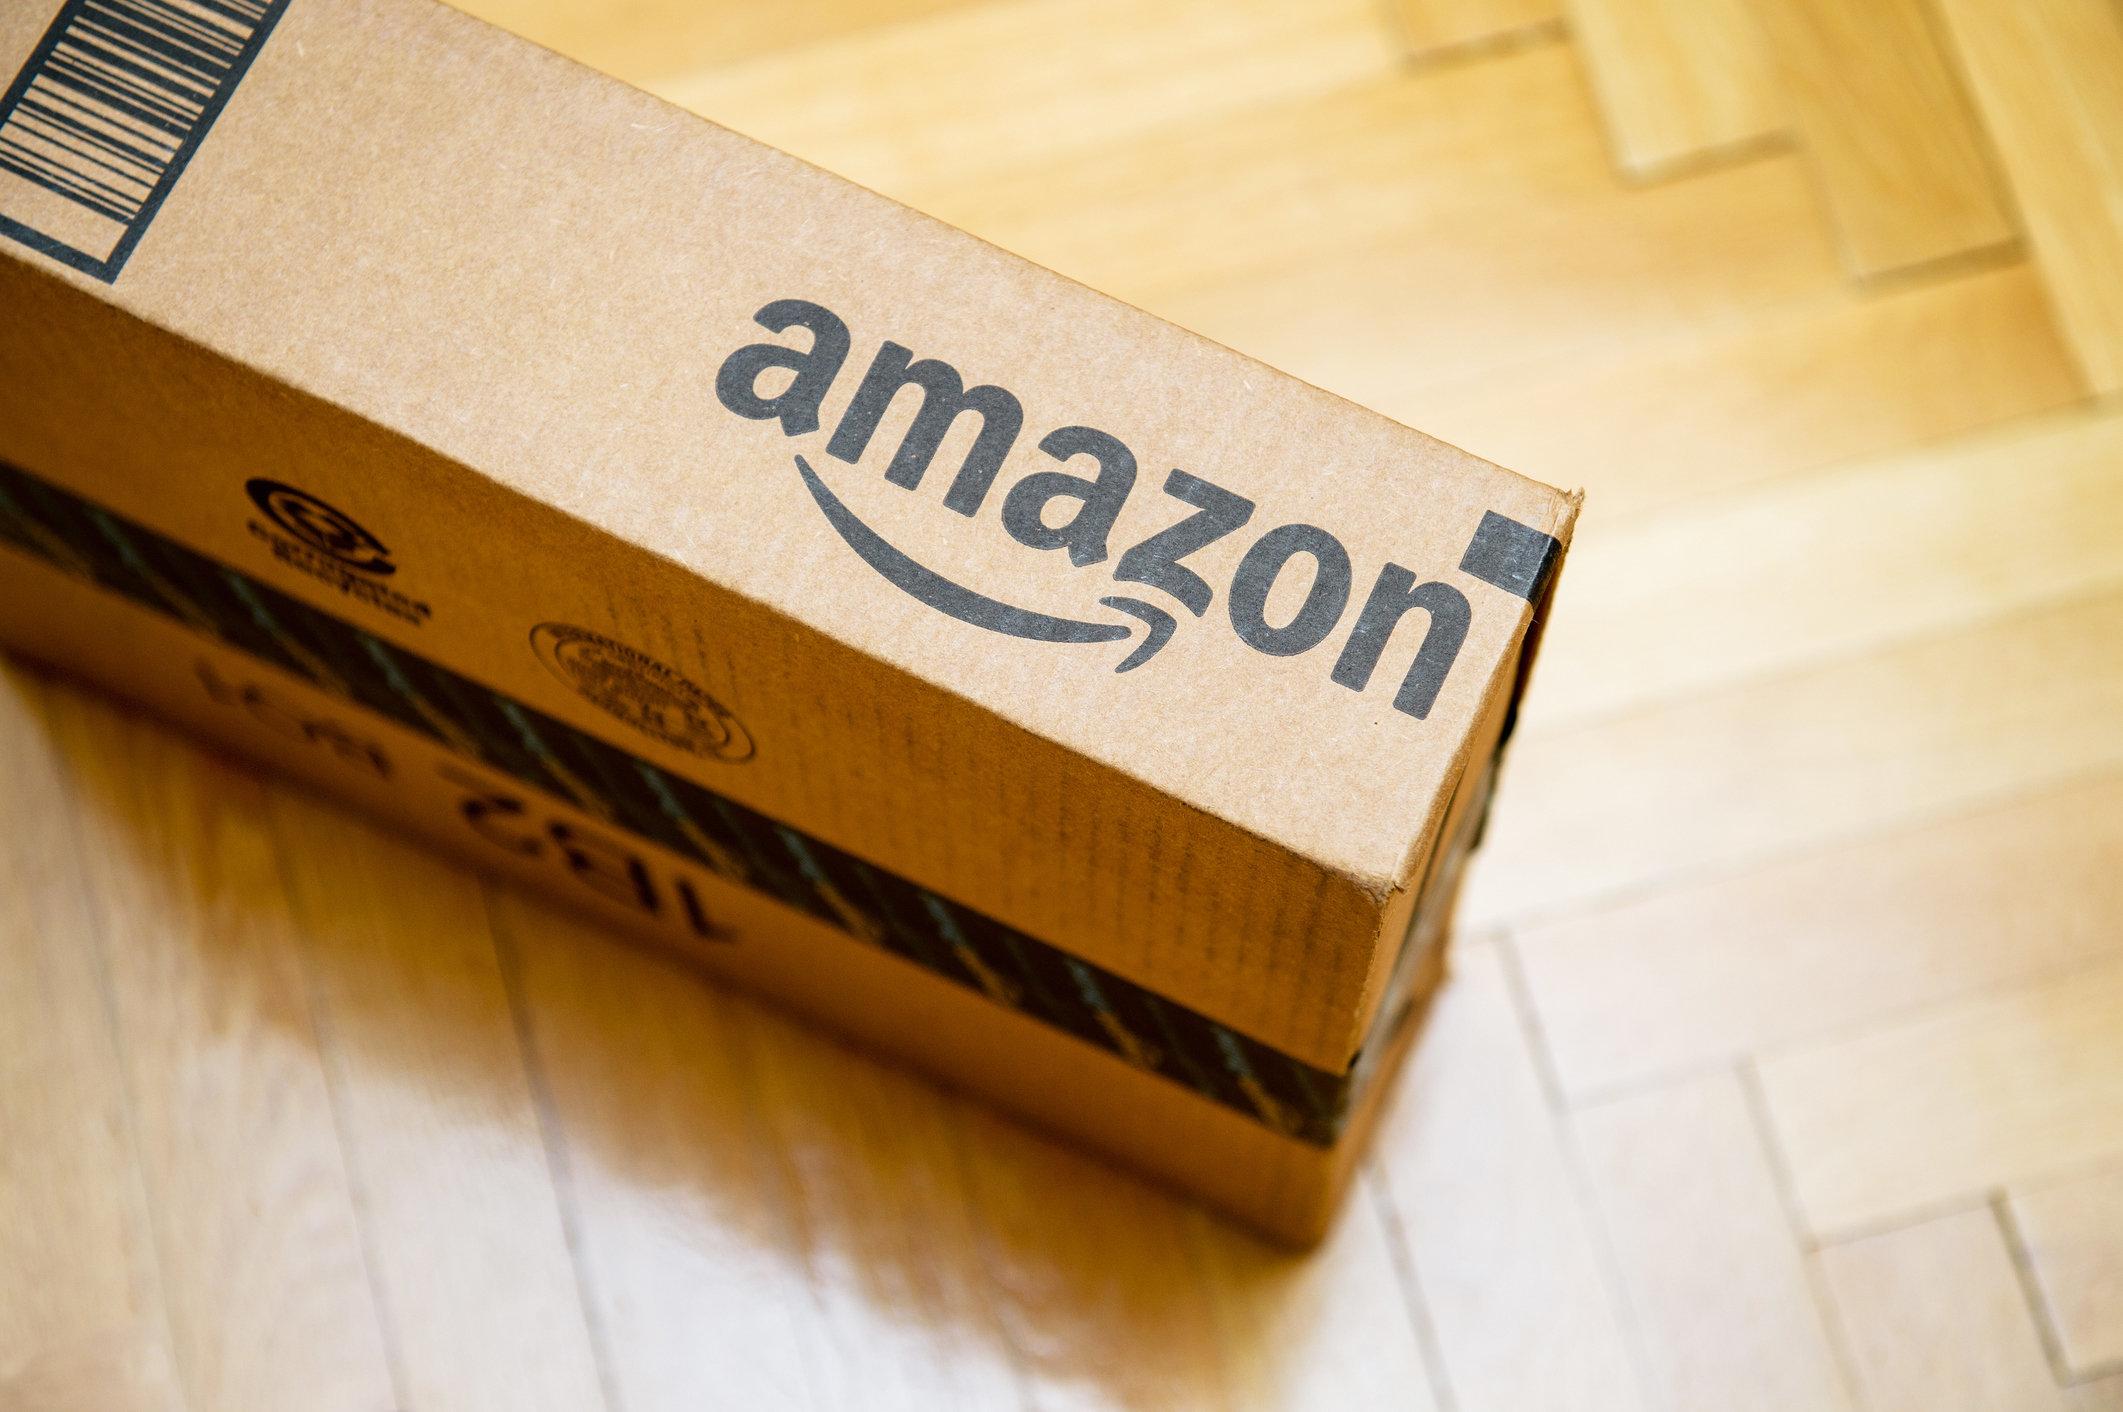 Als eine Britin den Inhalt ihres Amazon-Pakets sieht, ist sie rasend vor Wut